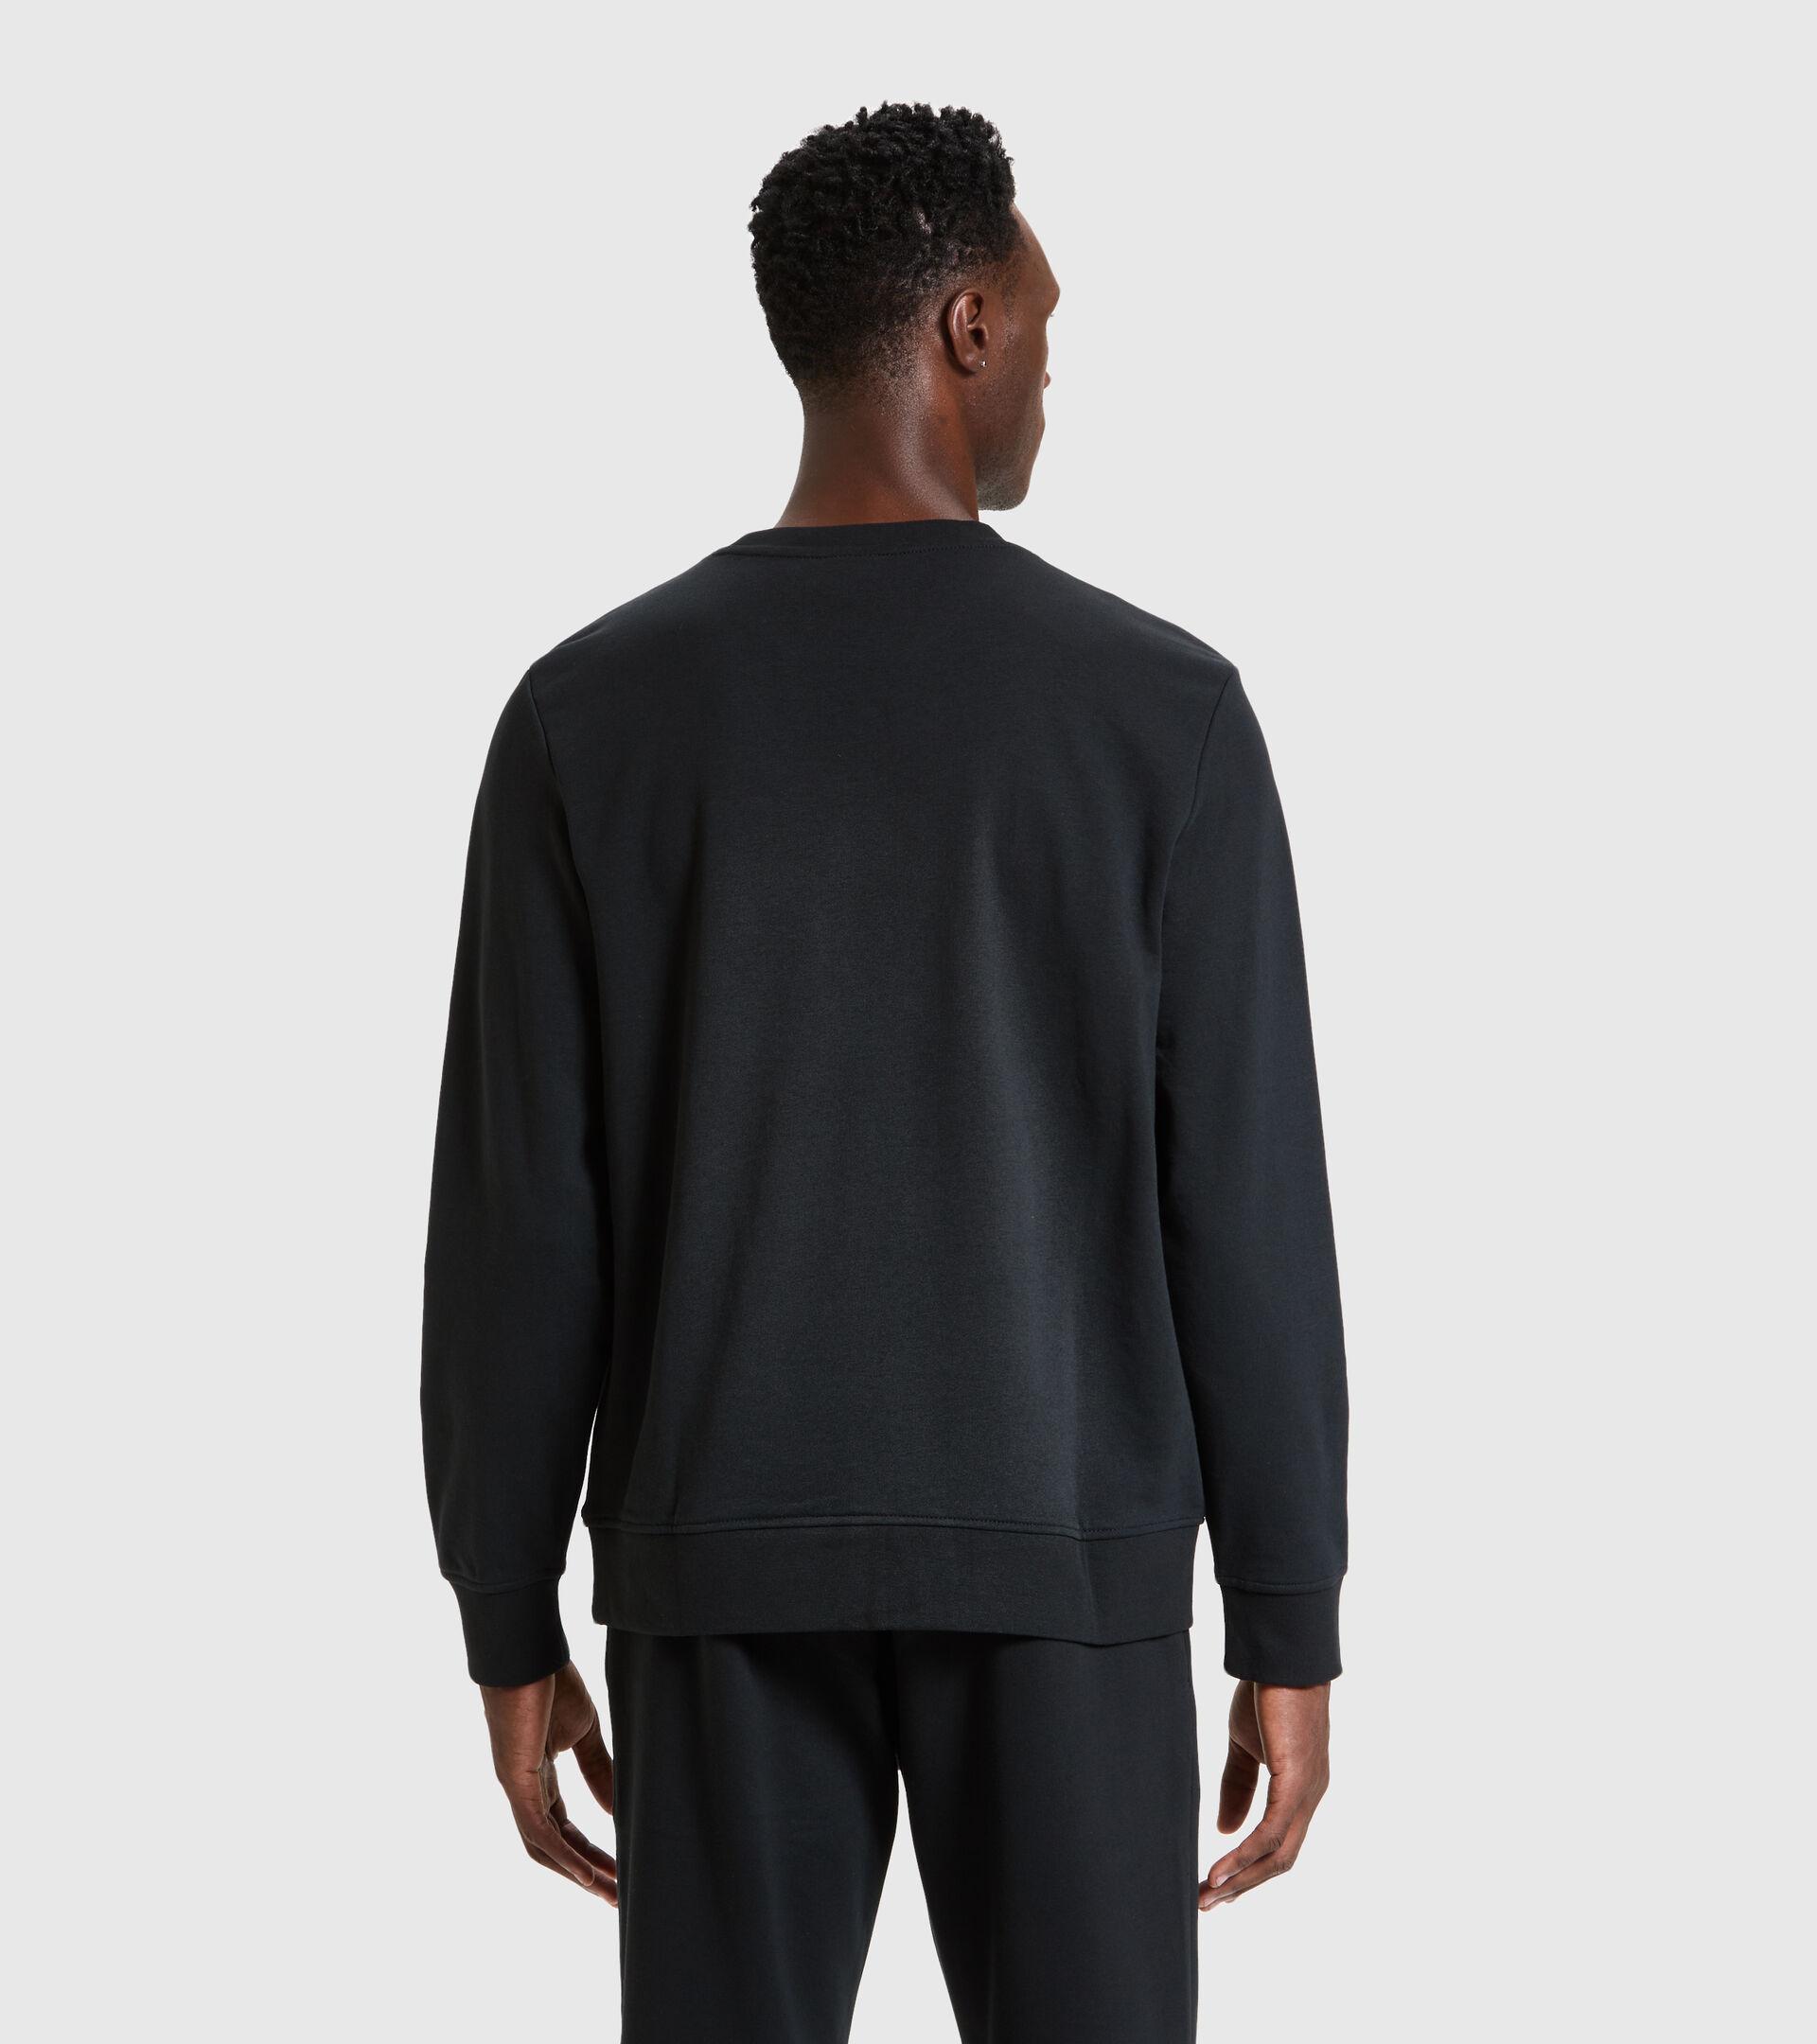 Sweater mit Rundhalsausschnitt - Herren SWEATSHIRT CREW LOGO CHROMIA SCHWARZ - Diadora